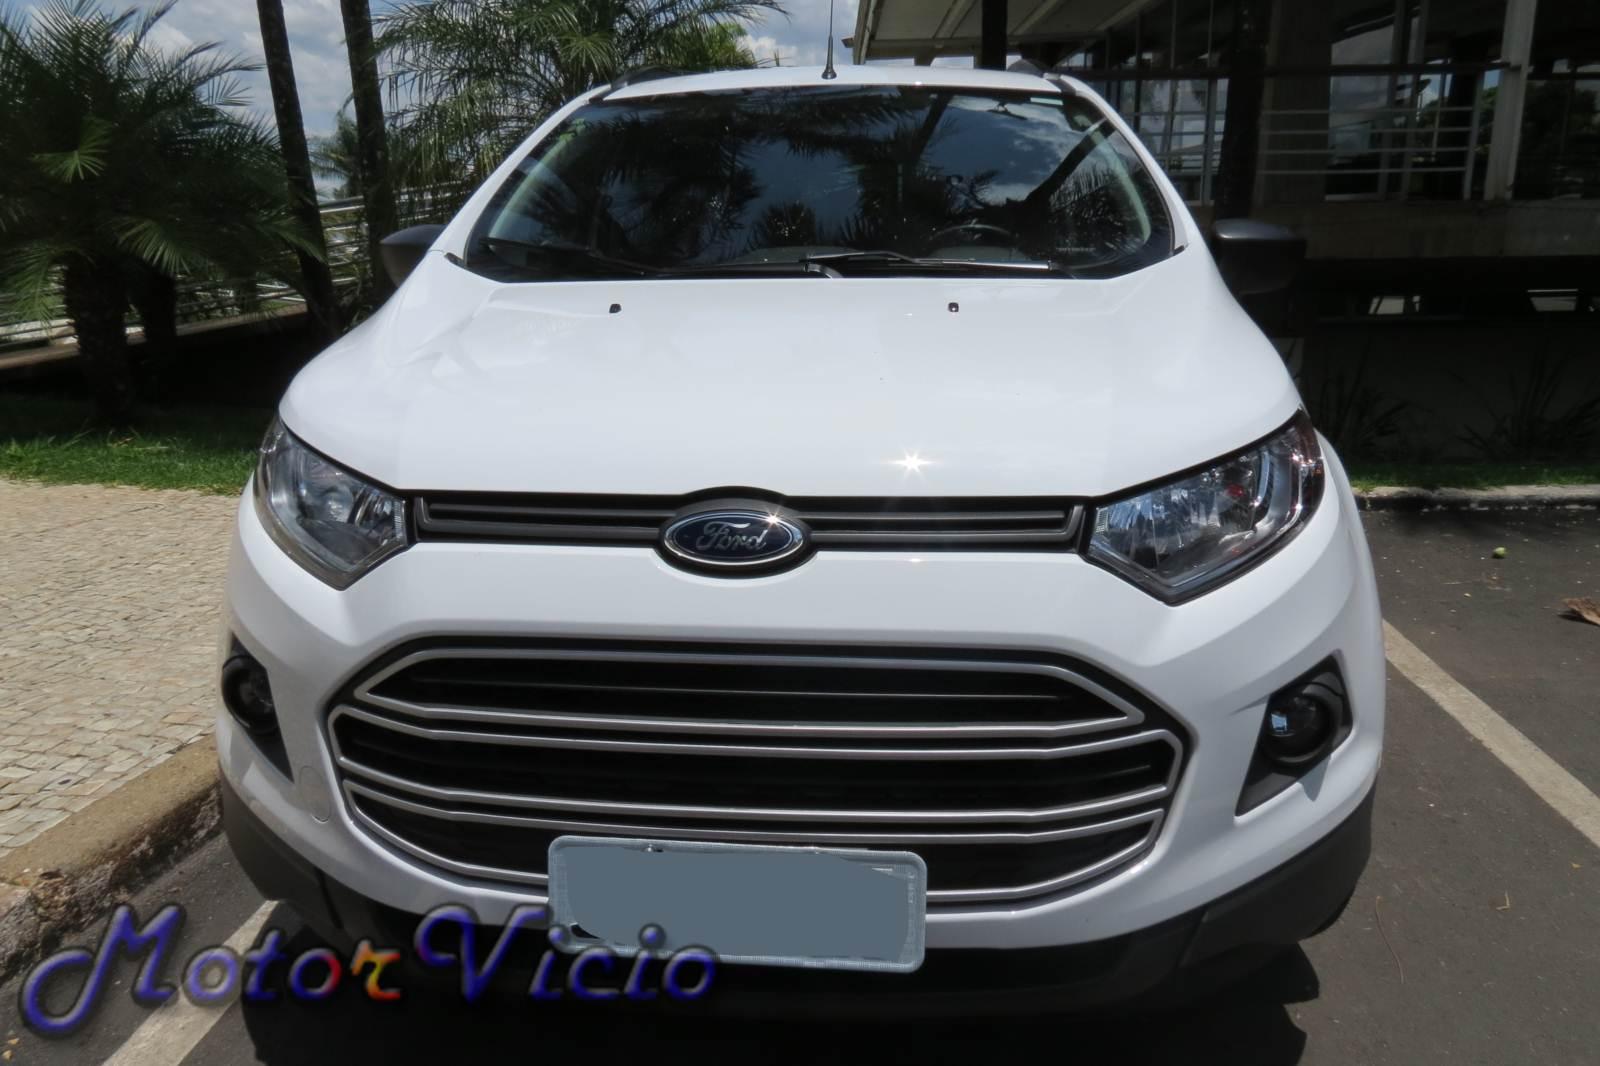 Ford ecosport 2013 autom tica